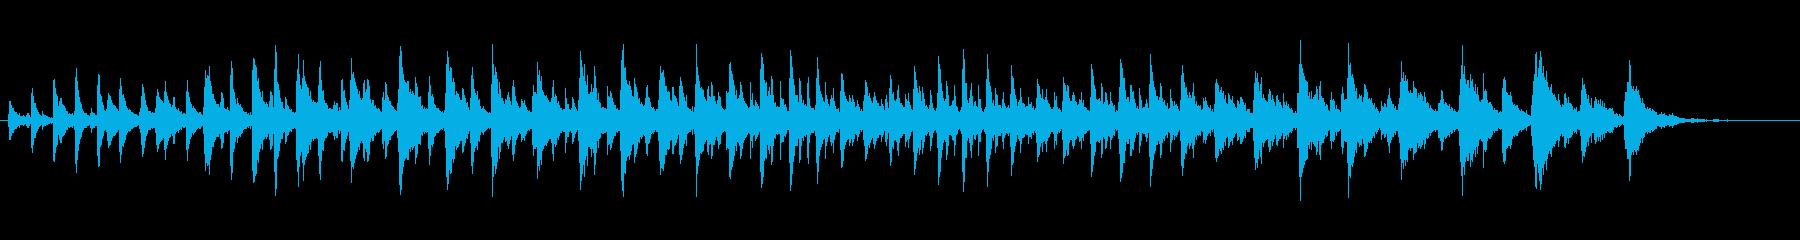 ガチャンガチャンと低い音の再生済みの波形